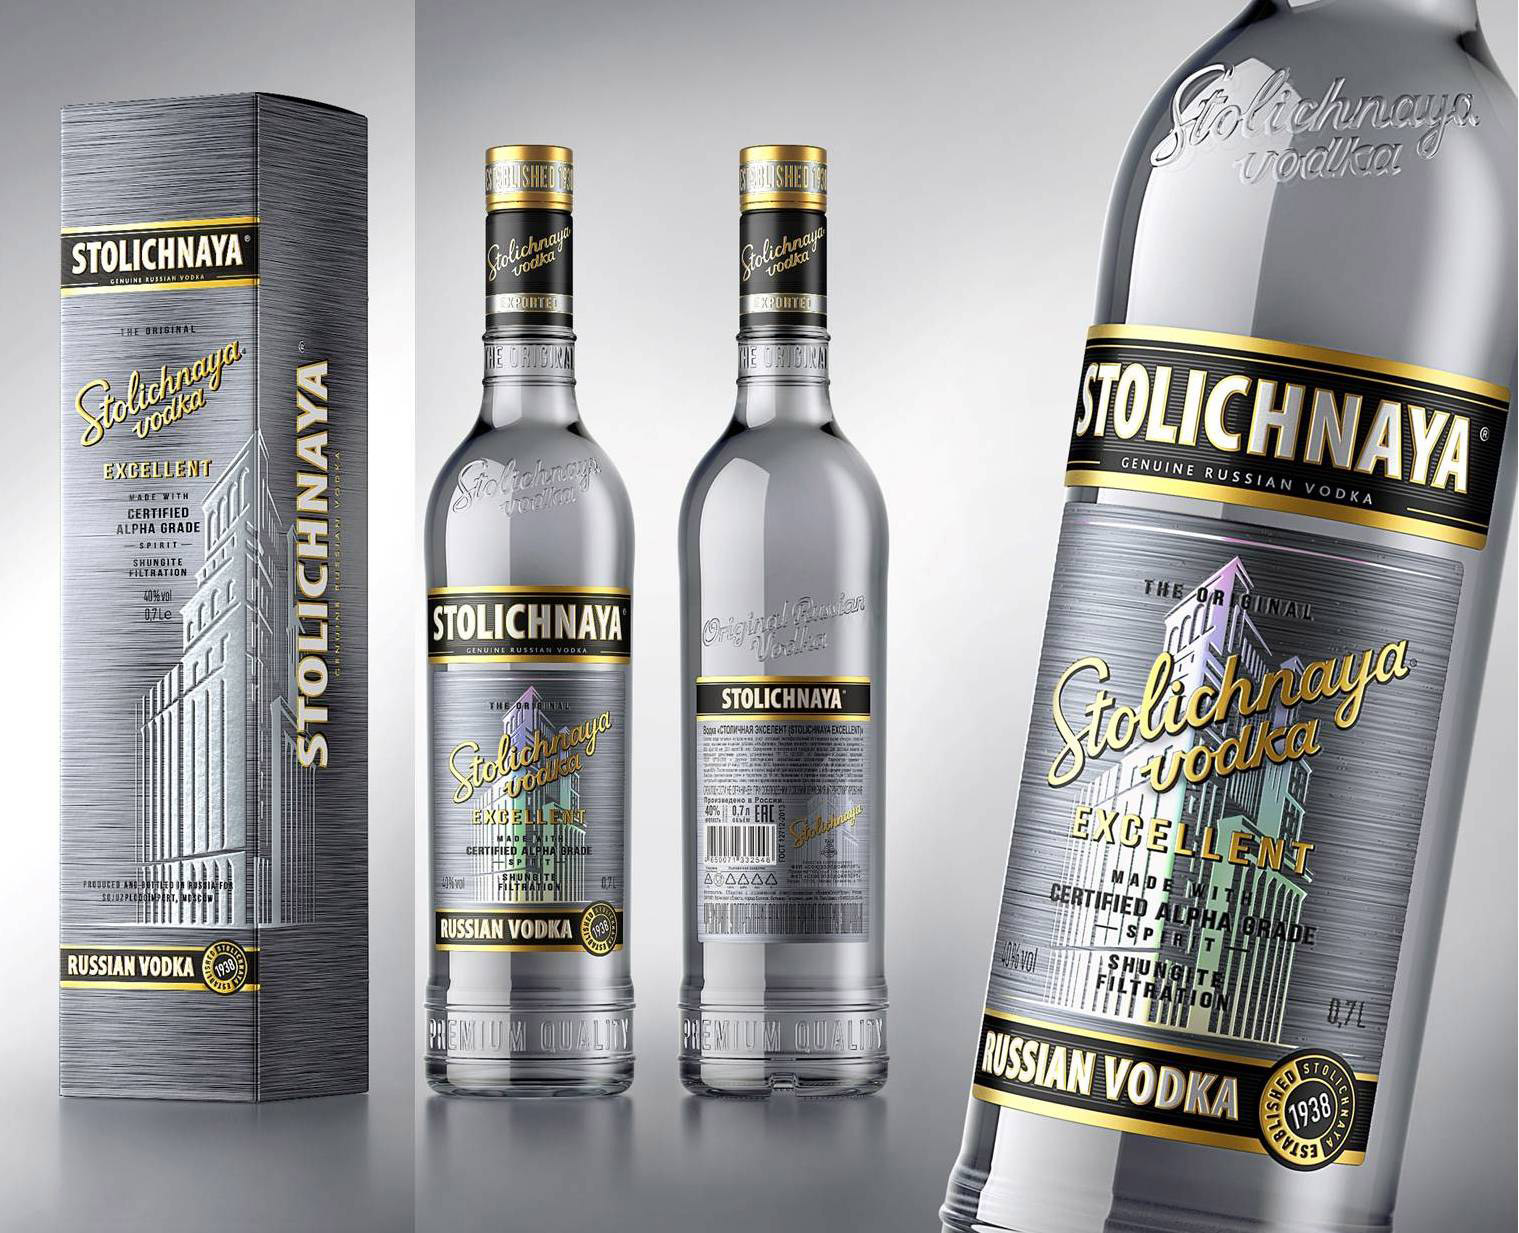 Stolichnaya Excellent